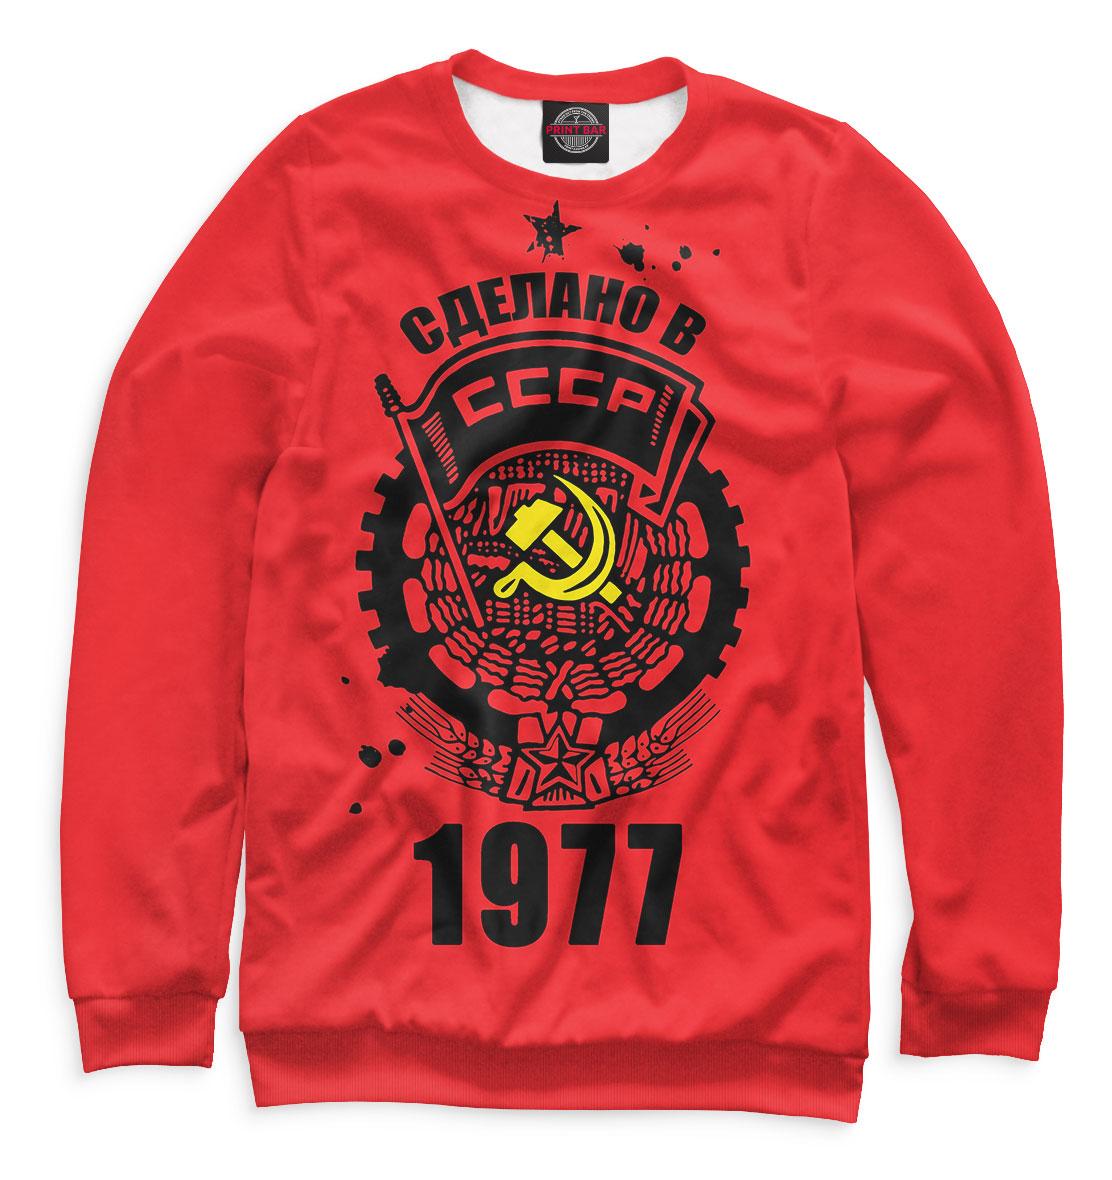 Купить Сделано в СССР — 1977, Printbar, Свитшоты, DSE-443306-swi-1